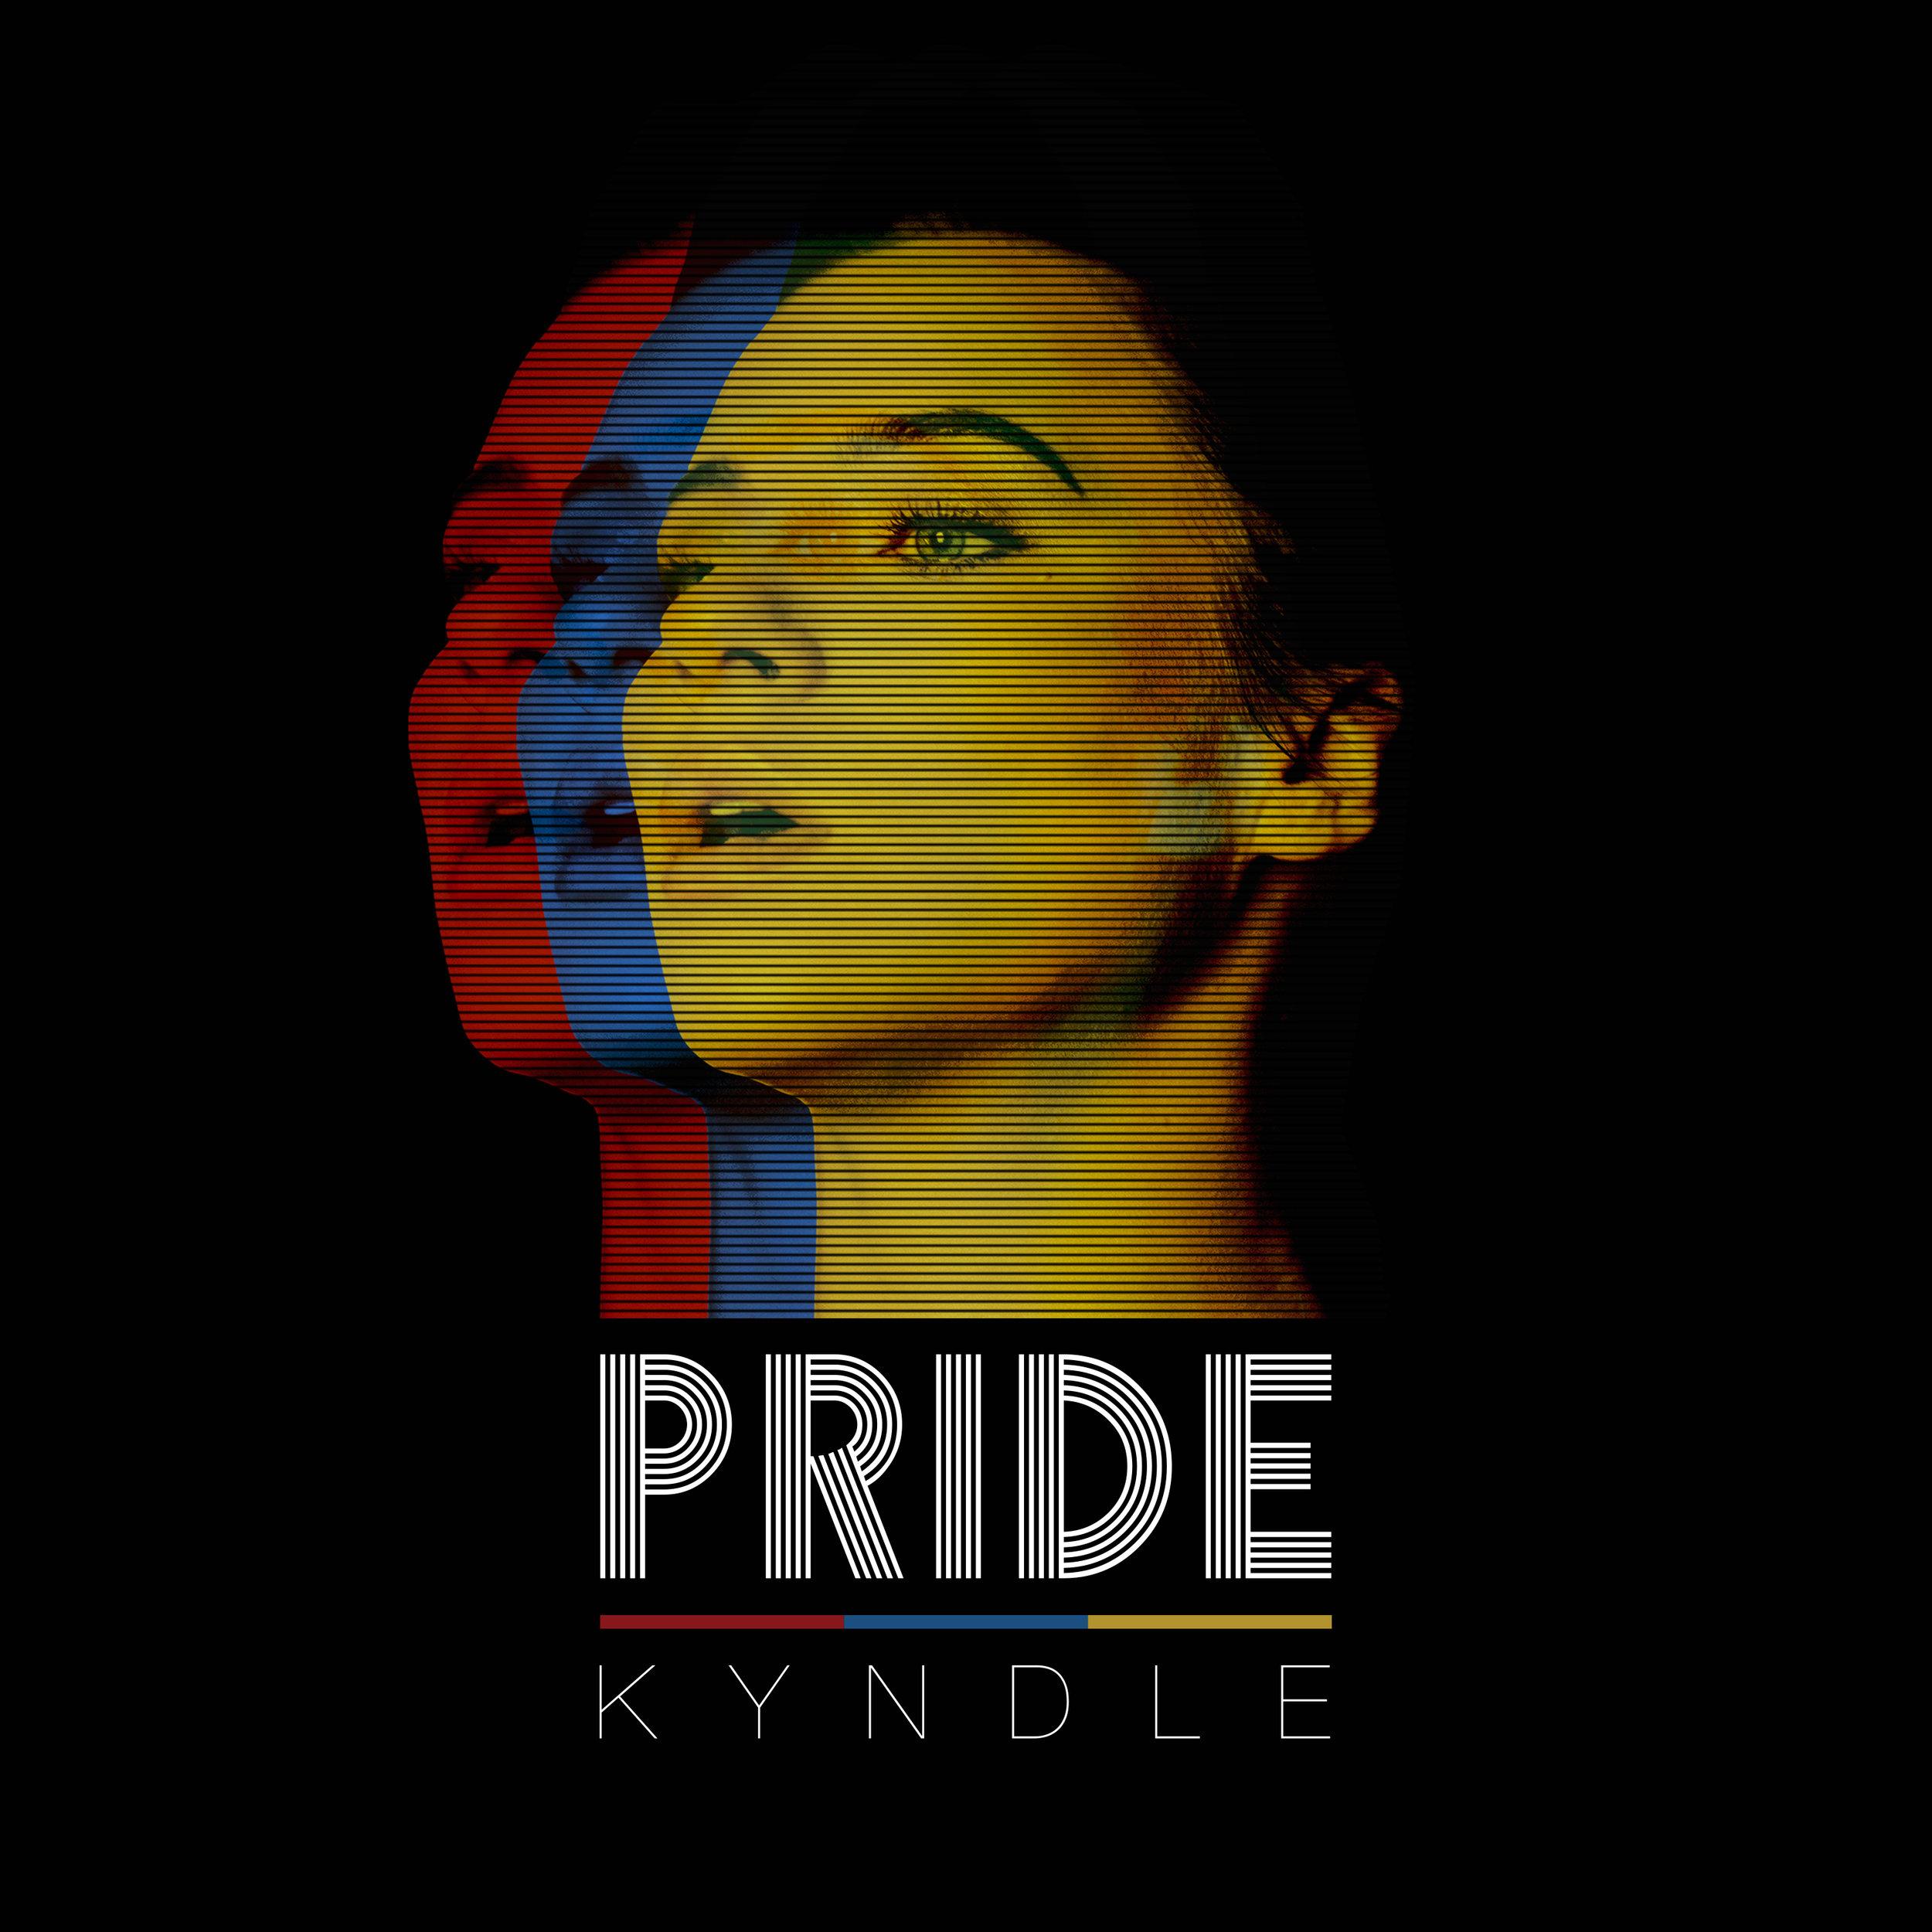 Kyndle_Pride_Cover.jpg